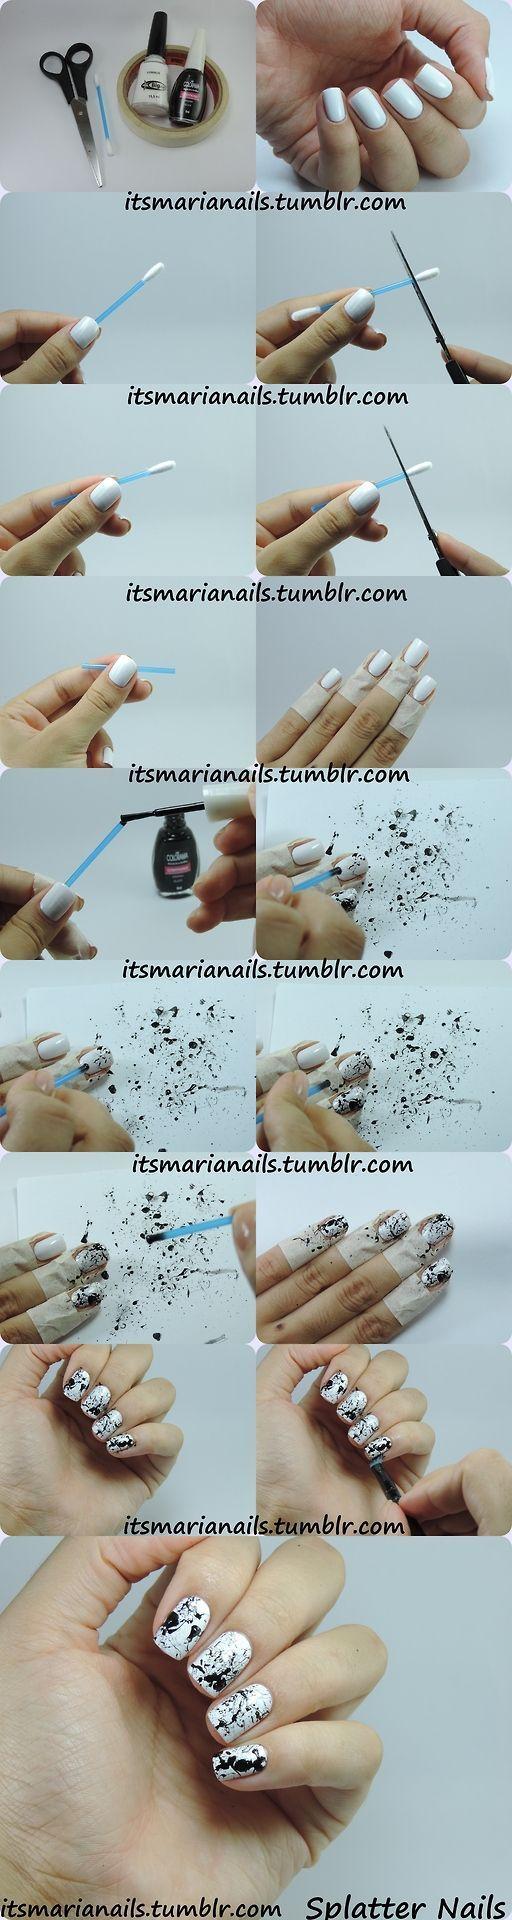 Geblasener schwarzer Nagellack auf weißen Nägeln – Nägel